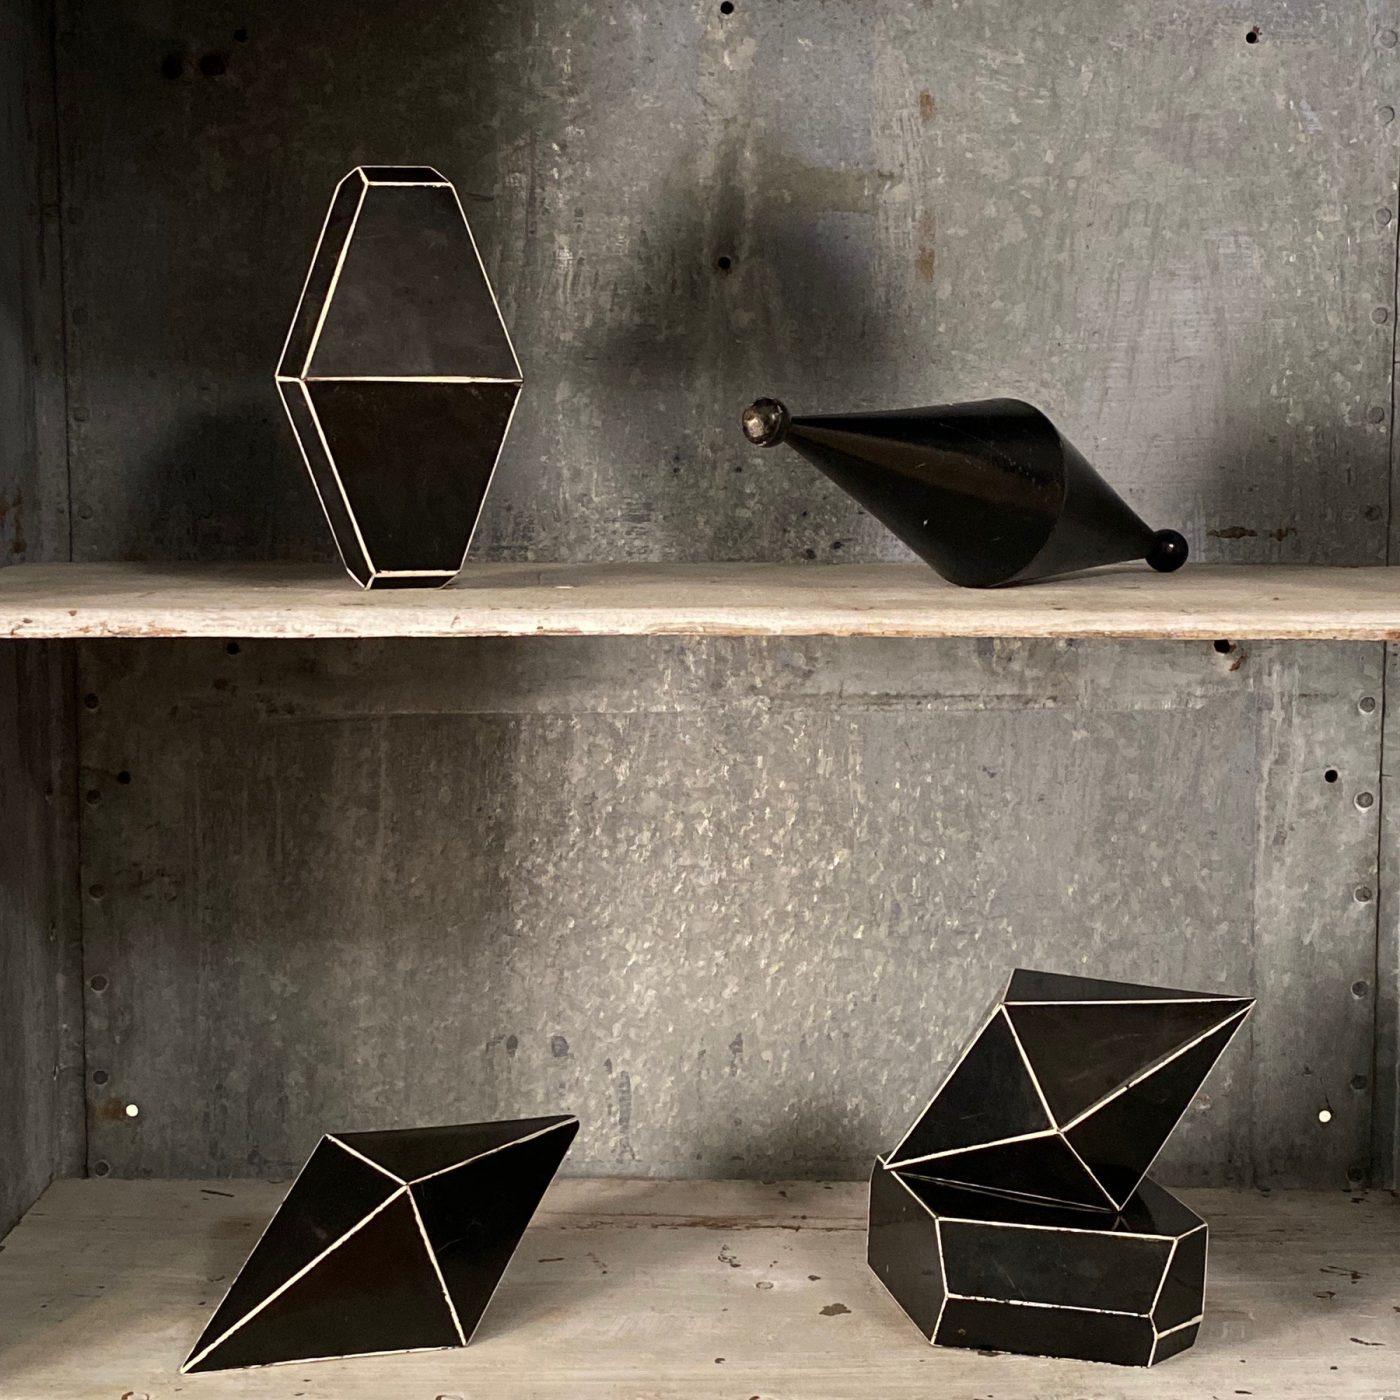 objet-vagabond-mineral-forms0003